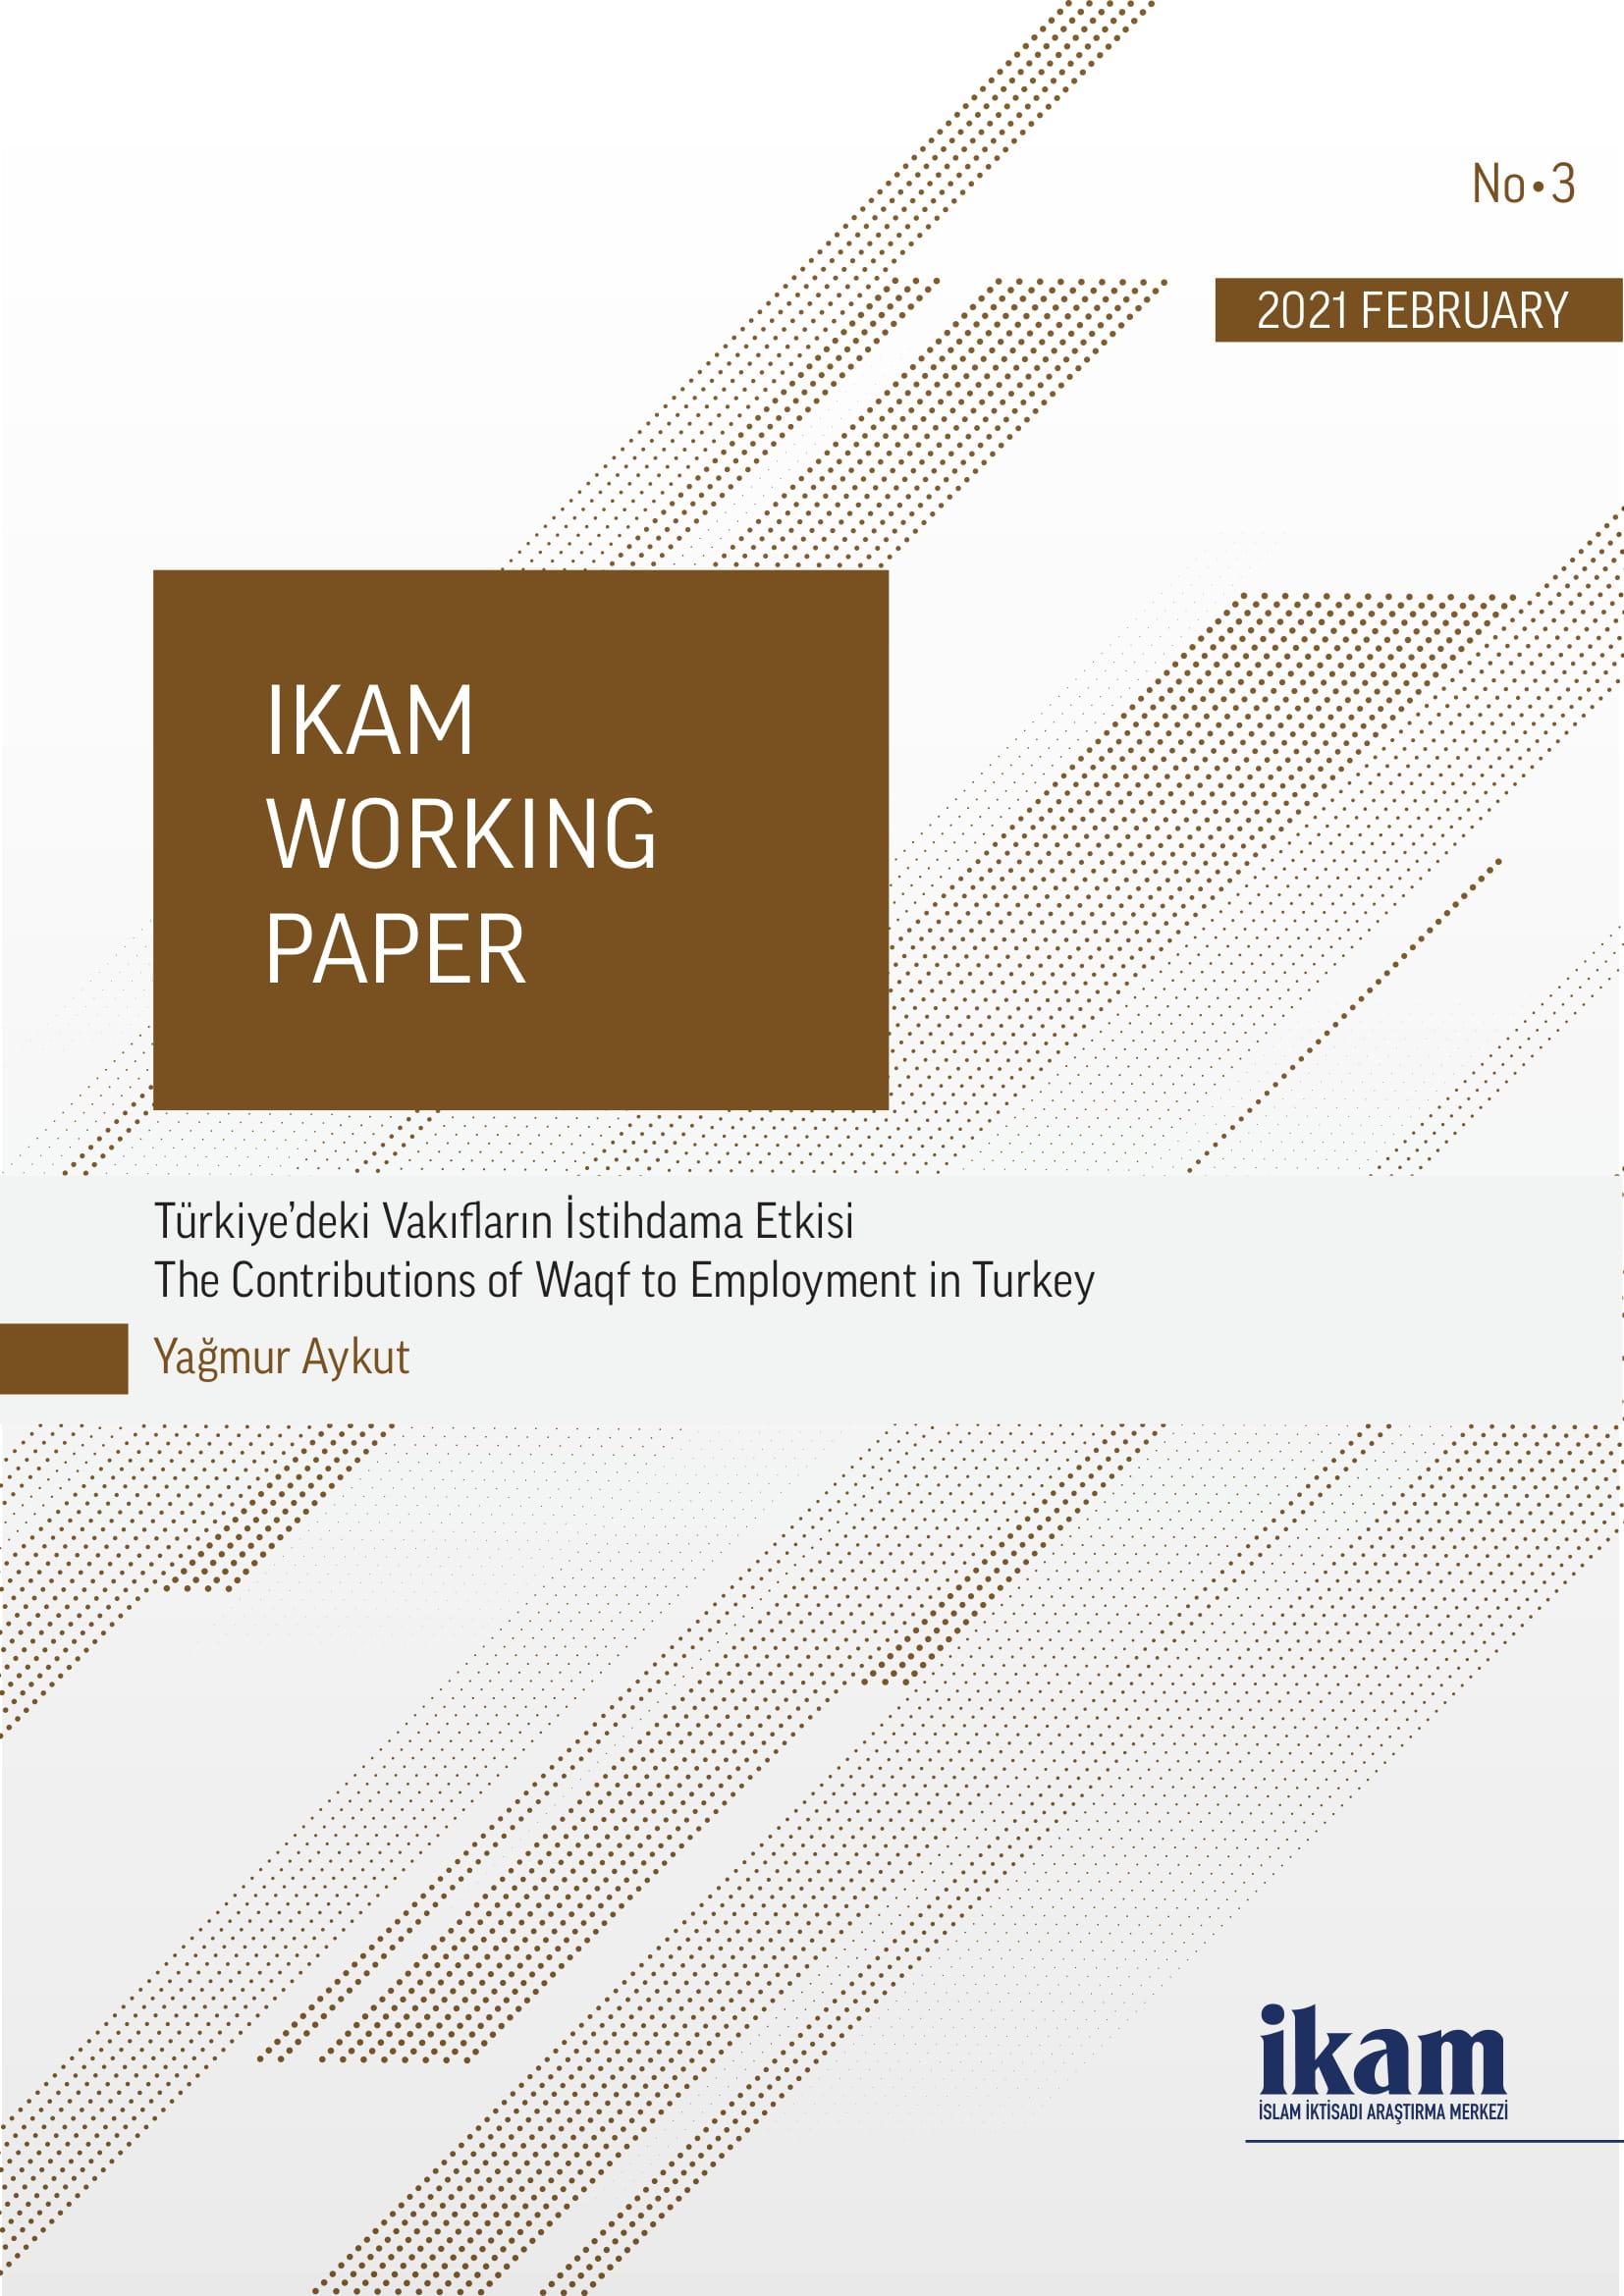 Türkiye'deki Vakıfların İstihdama Etkisi